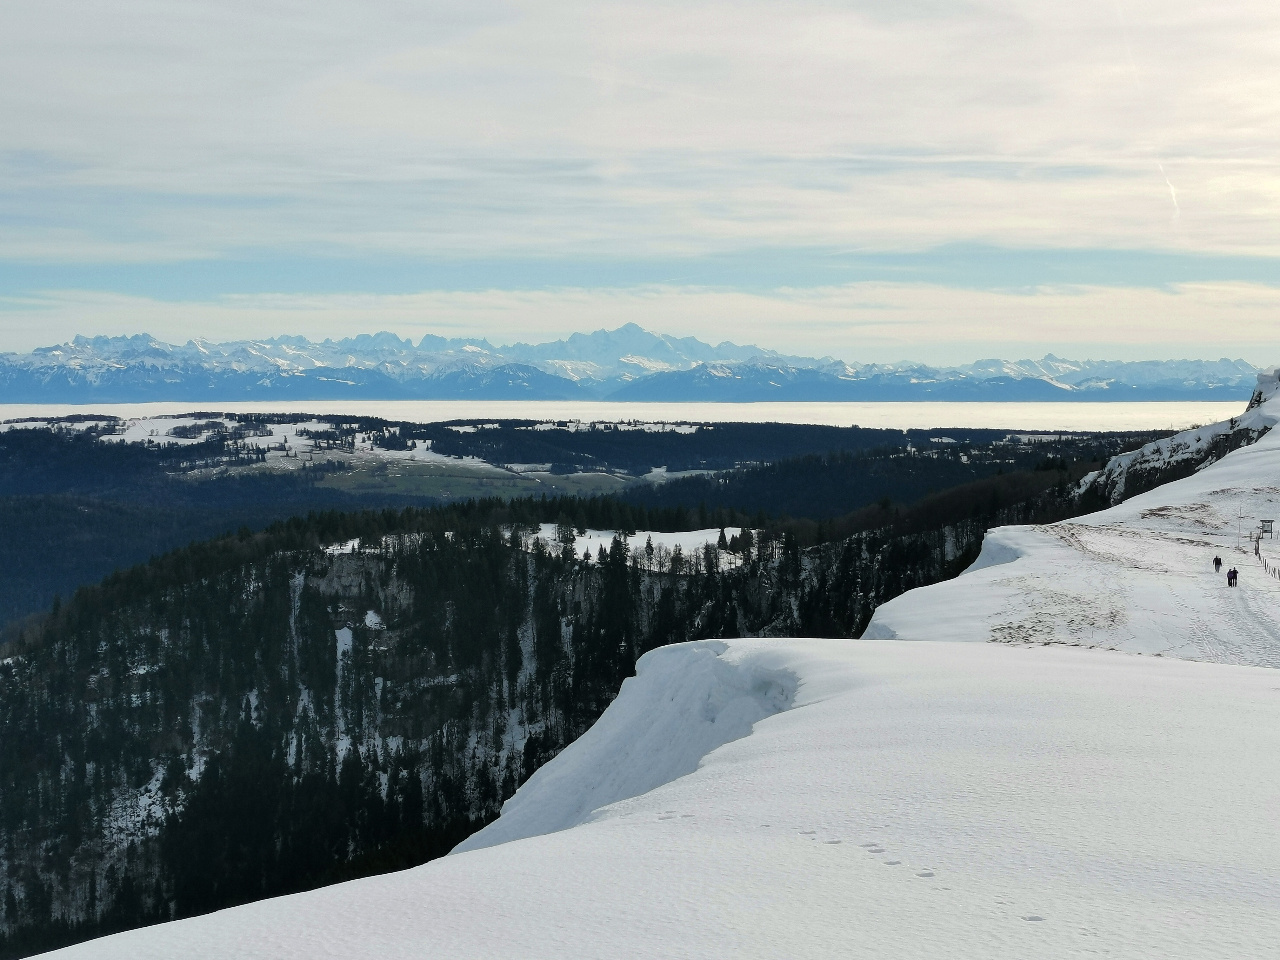 Photo 1: Une superbe journée hivernale dans le Haut-Doubs